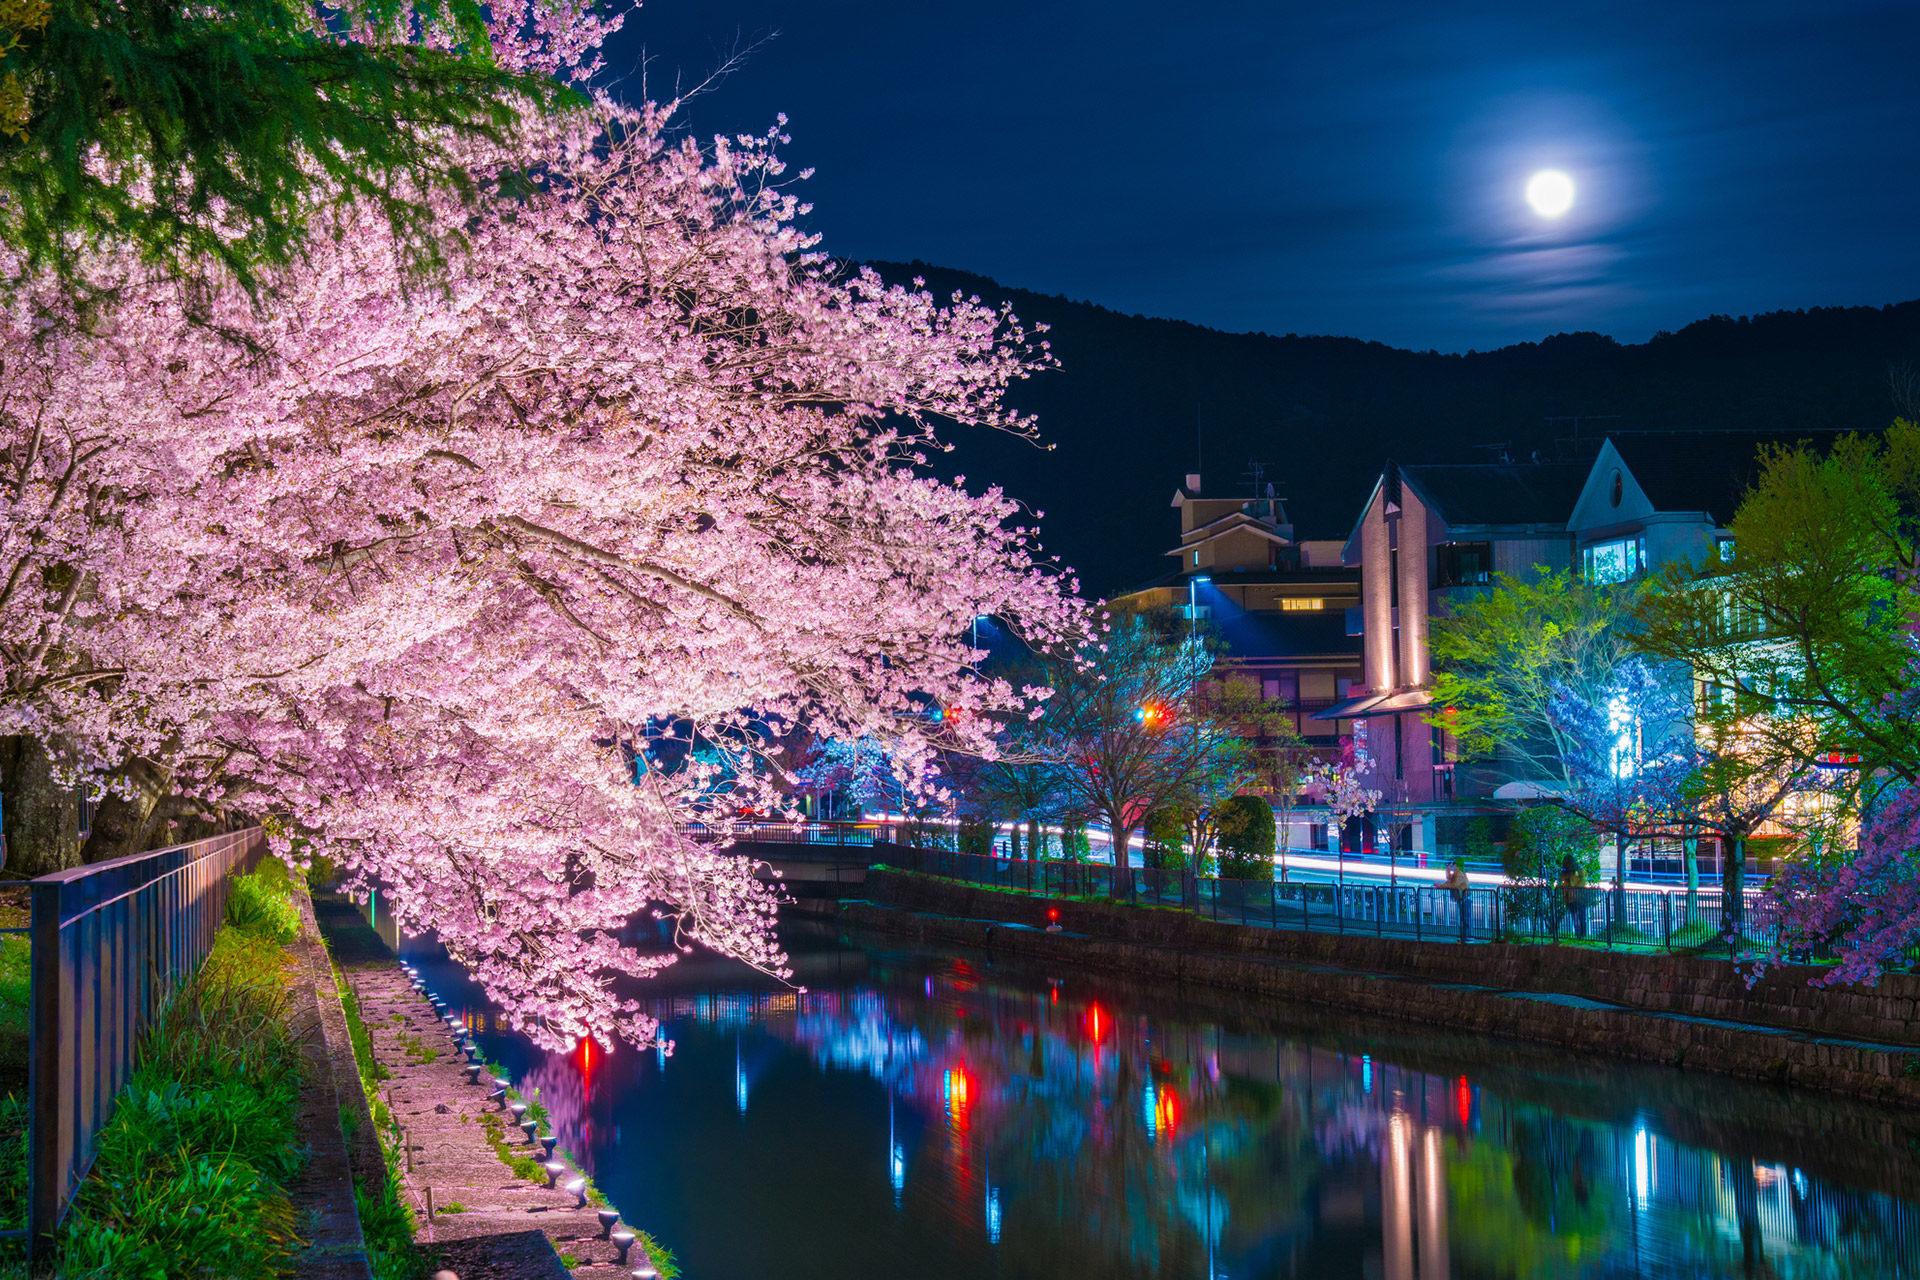 京都-岡崎疎水-桜-ライトアップ